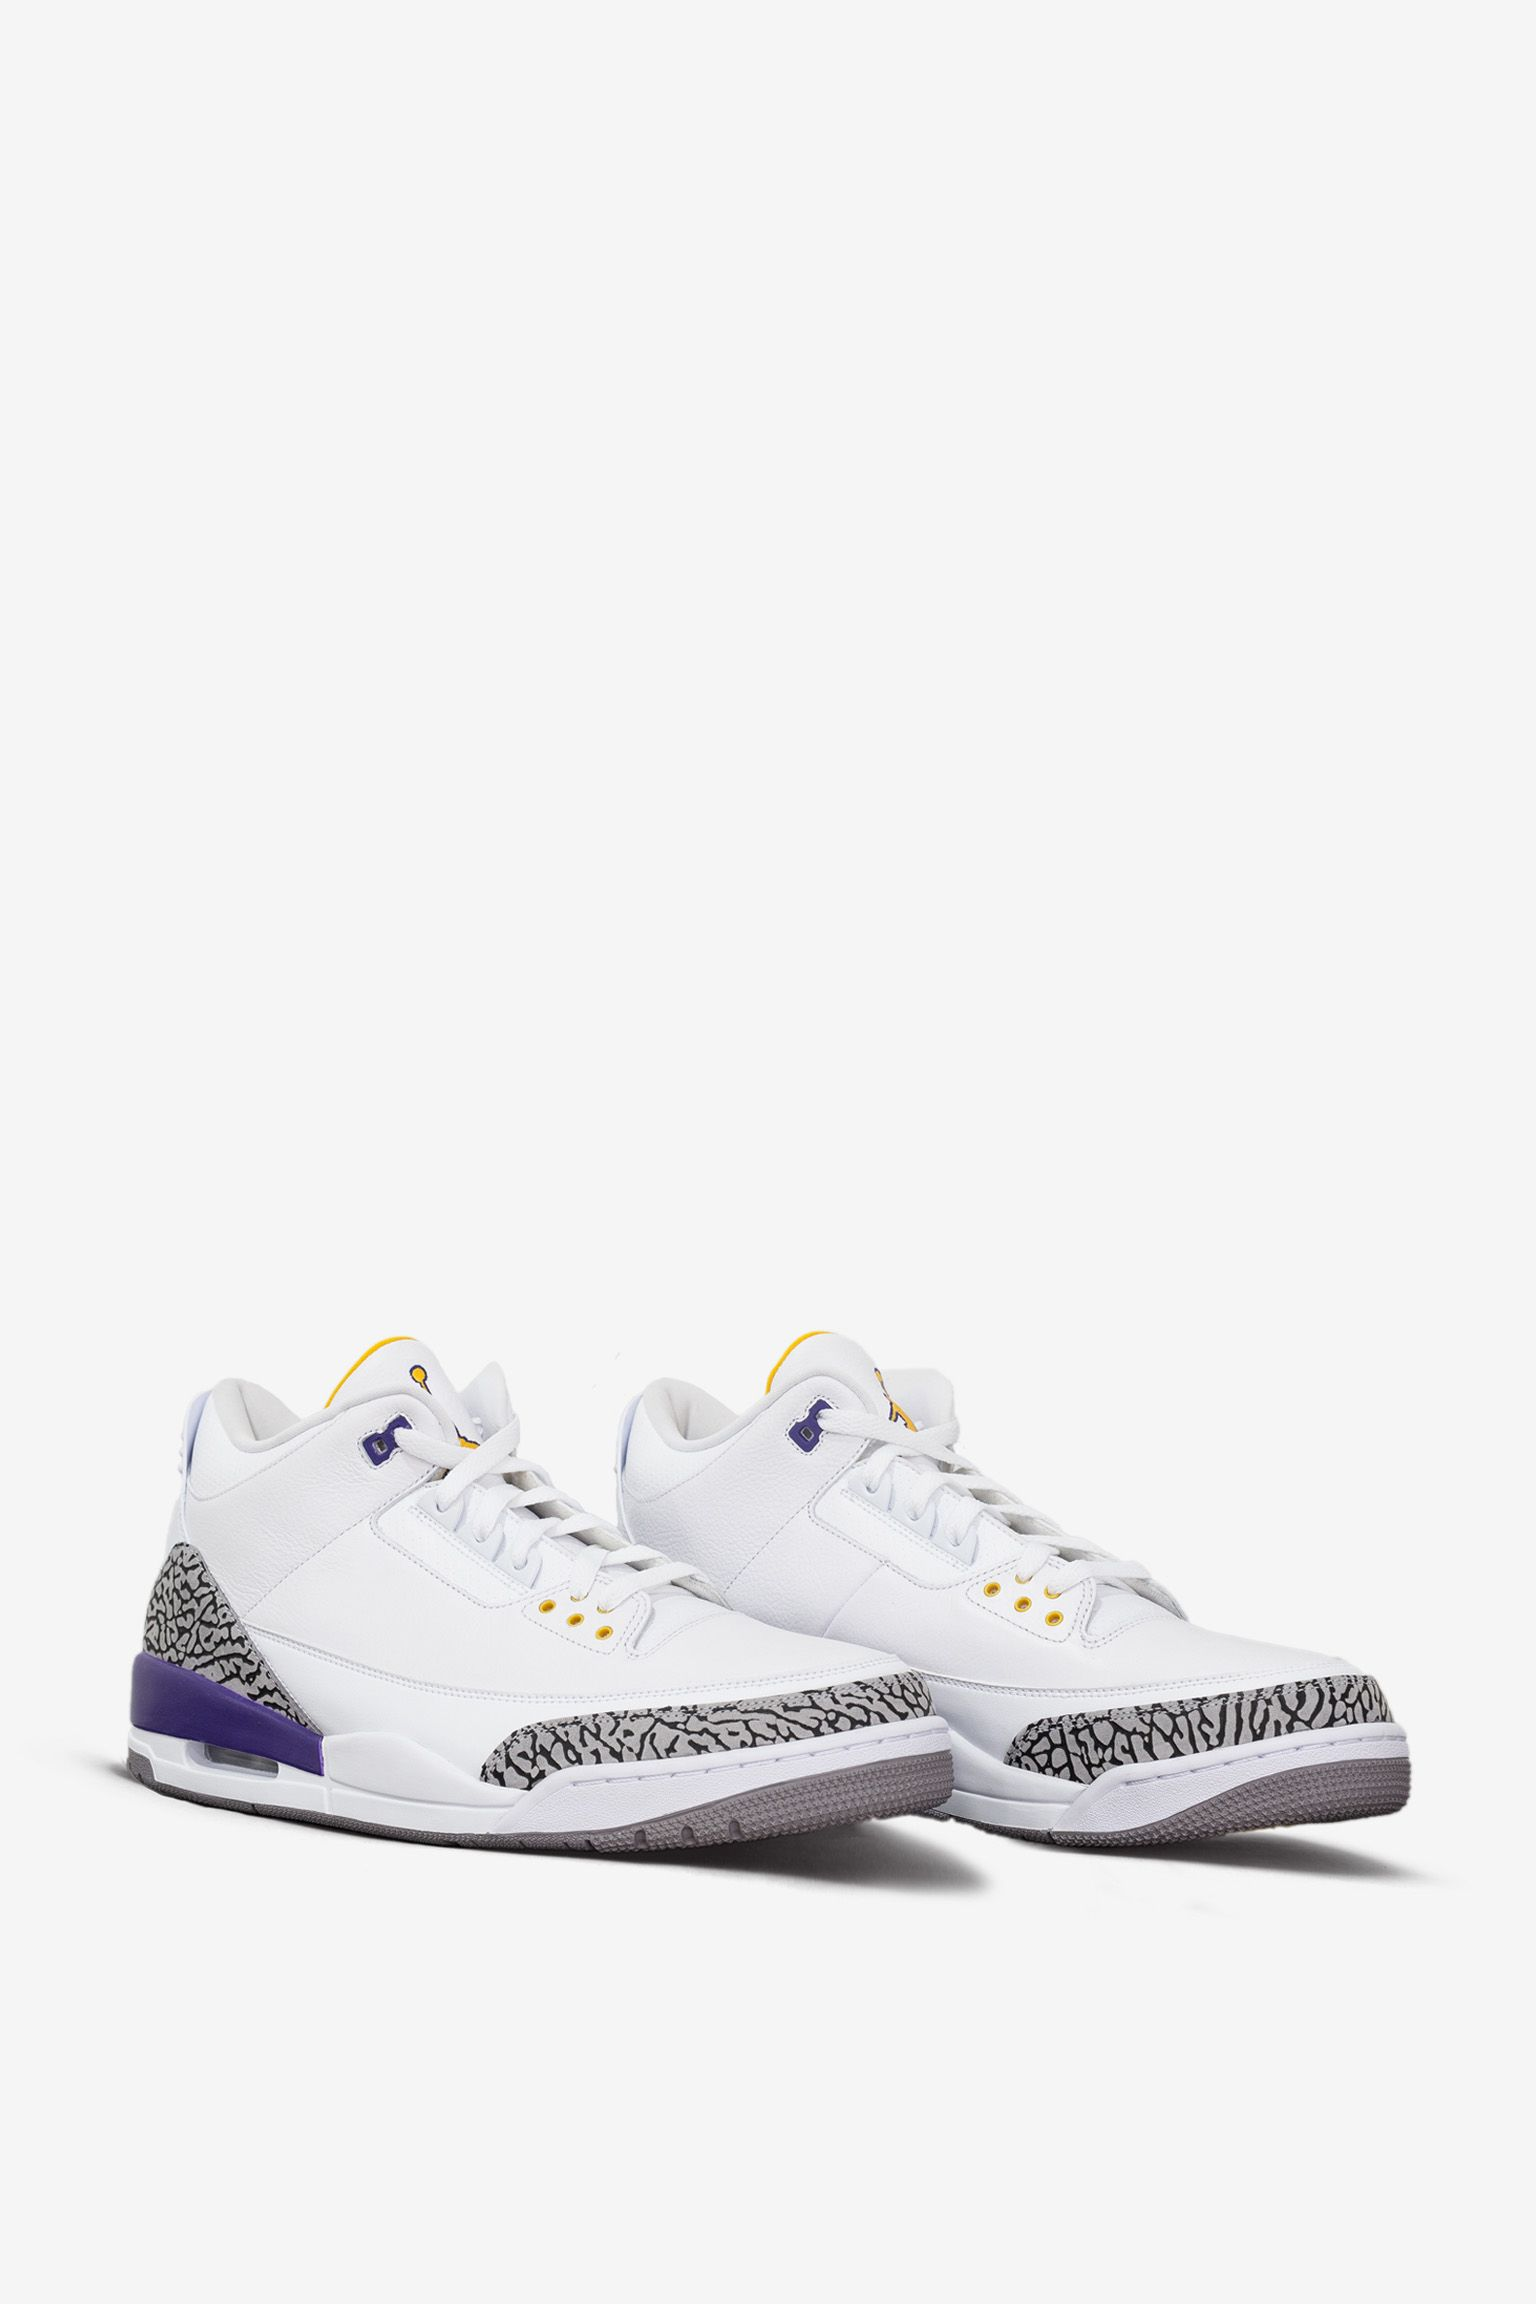 Hommage de Jordan Brand à Kobe Bryant